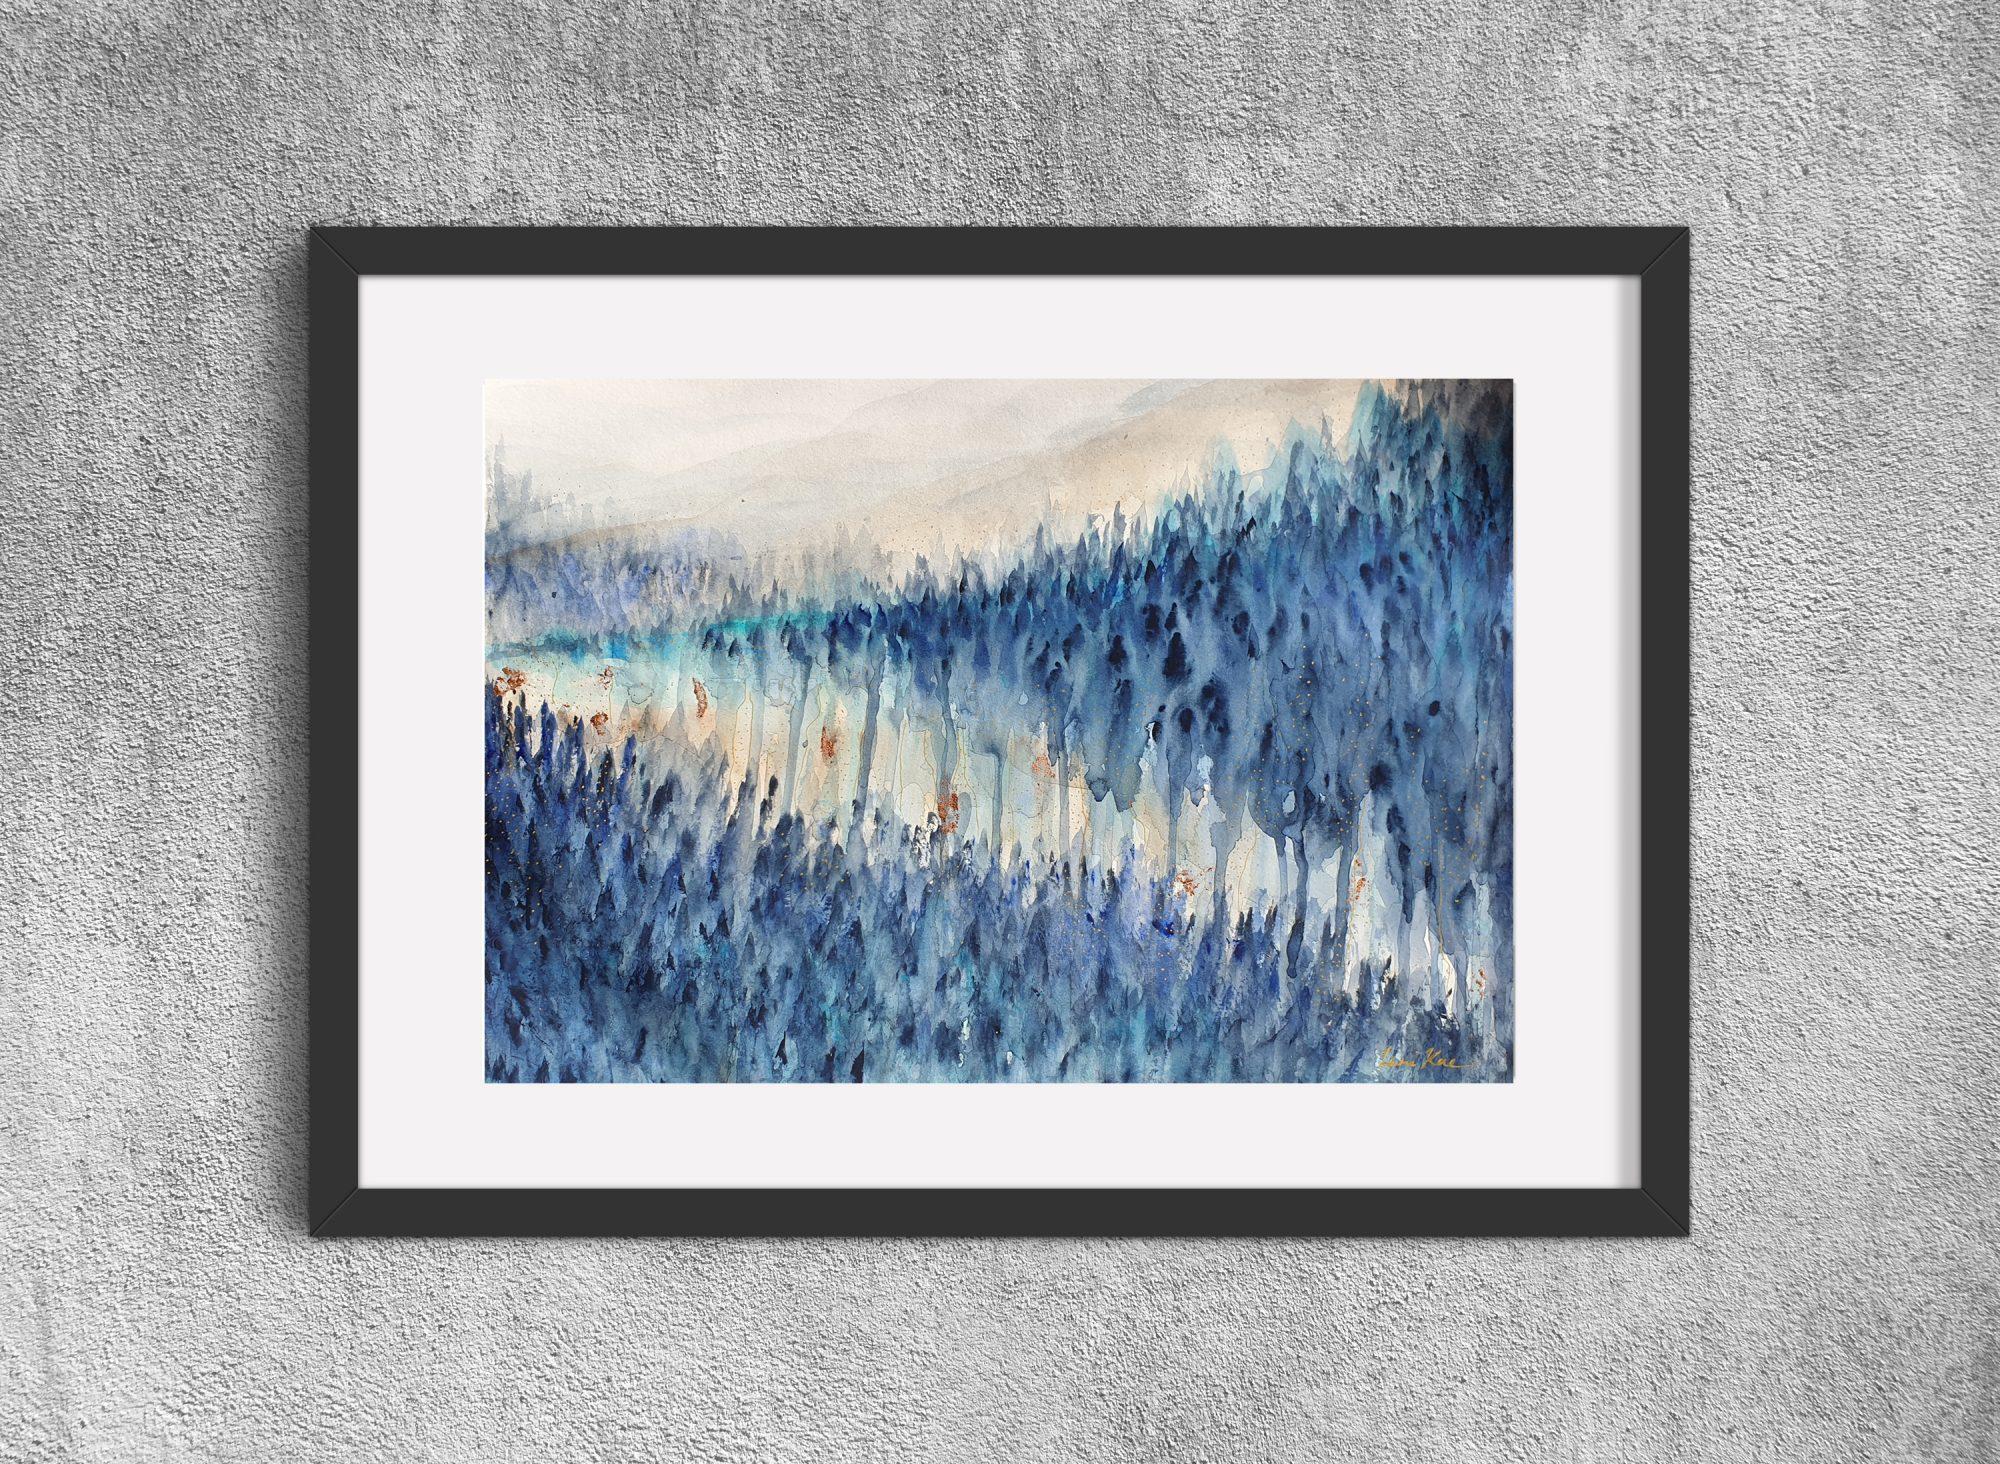 Artist Leni Kae Sunrise Dreaming Watercolour Landscape Framed Mockup2